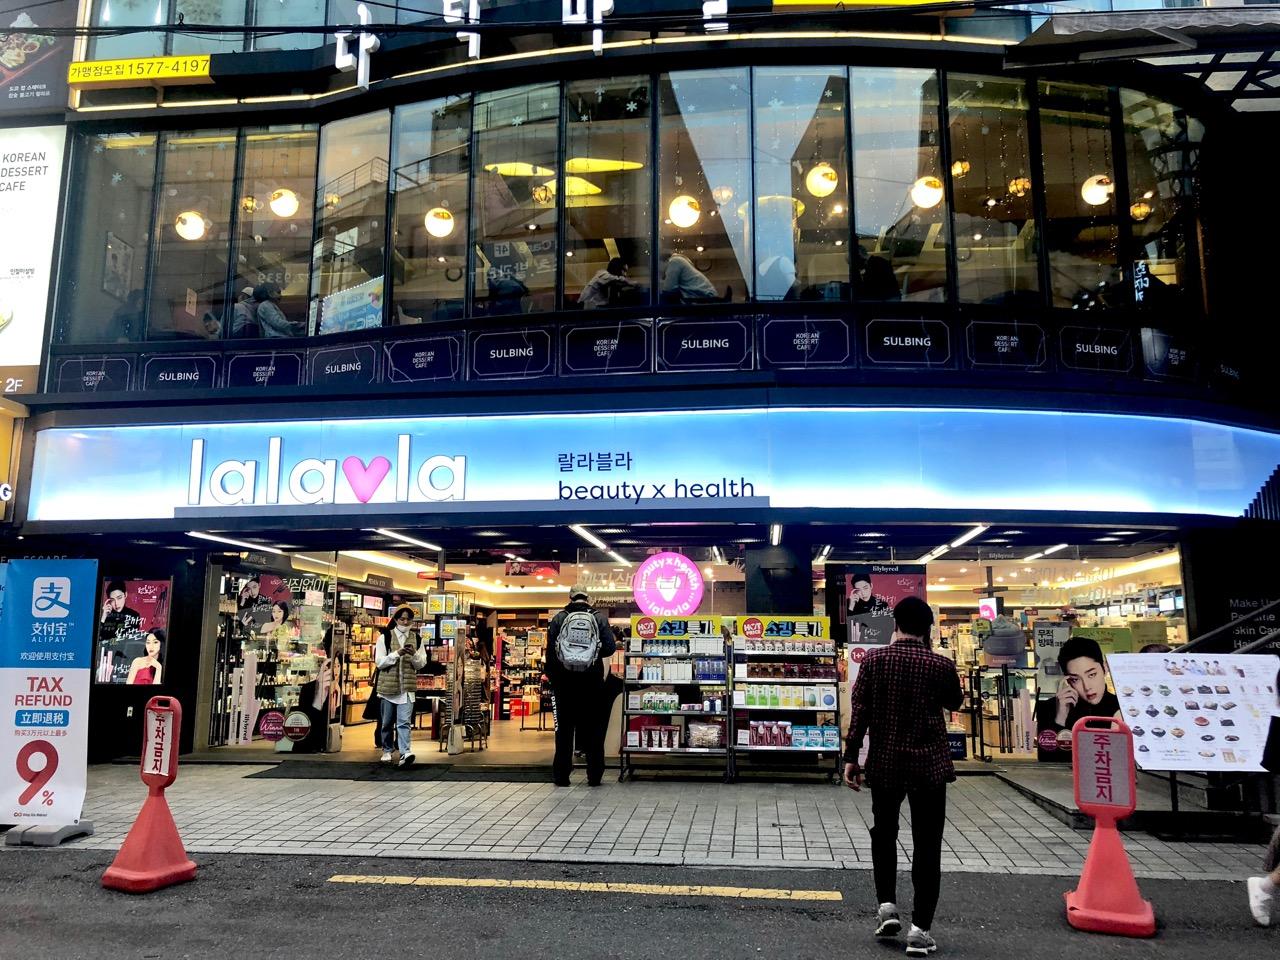 Ostolakossa Lalavla kosmetiikka Seoul